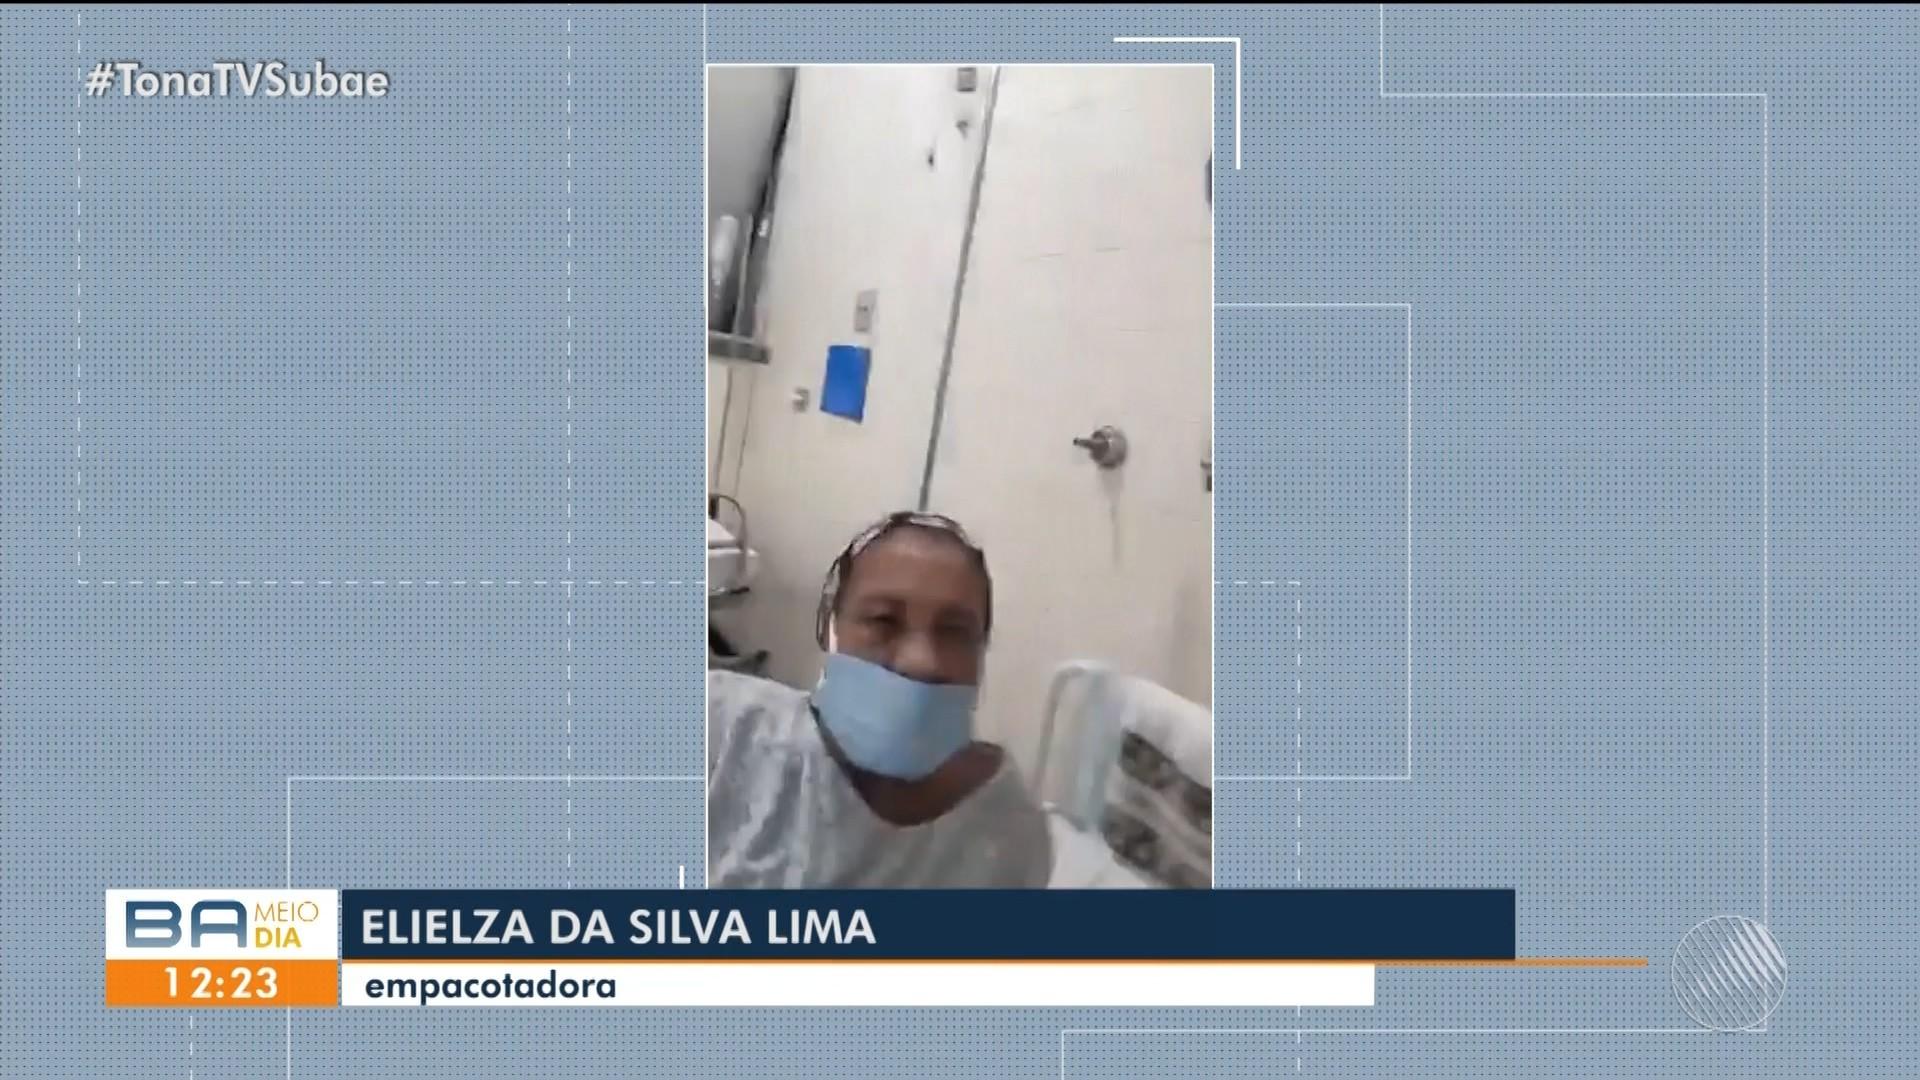 Família de idosa com doença neurológica rara faz apelo por cirurgia: 'Cada dia mais debilitada'